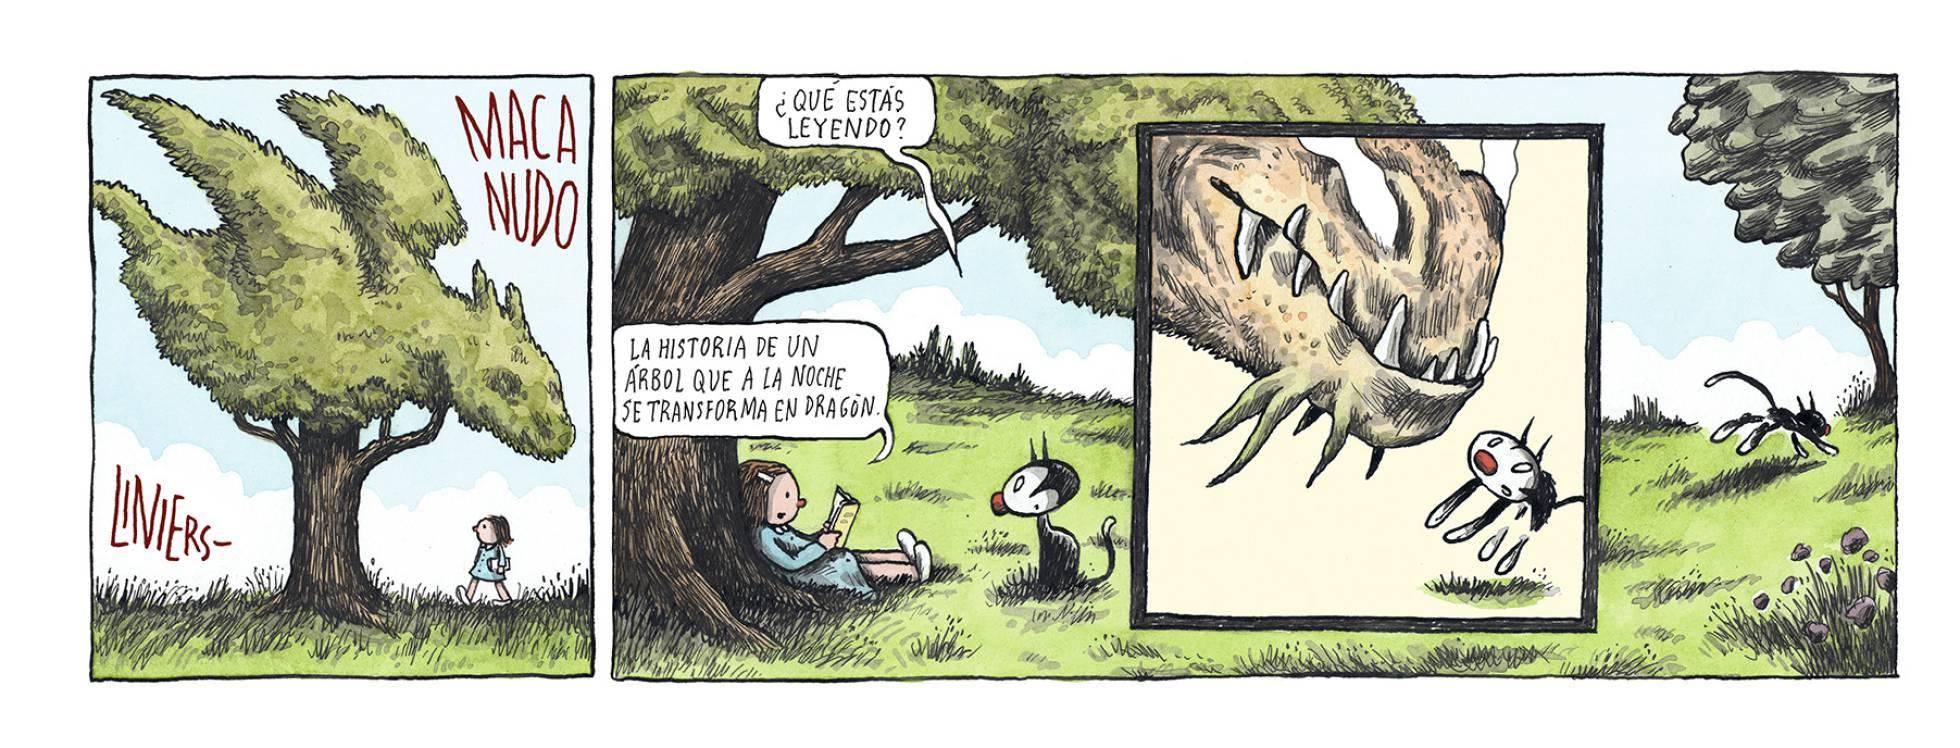 Liniers, El País, 27/10/2019